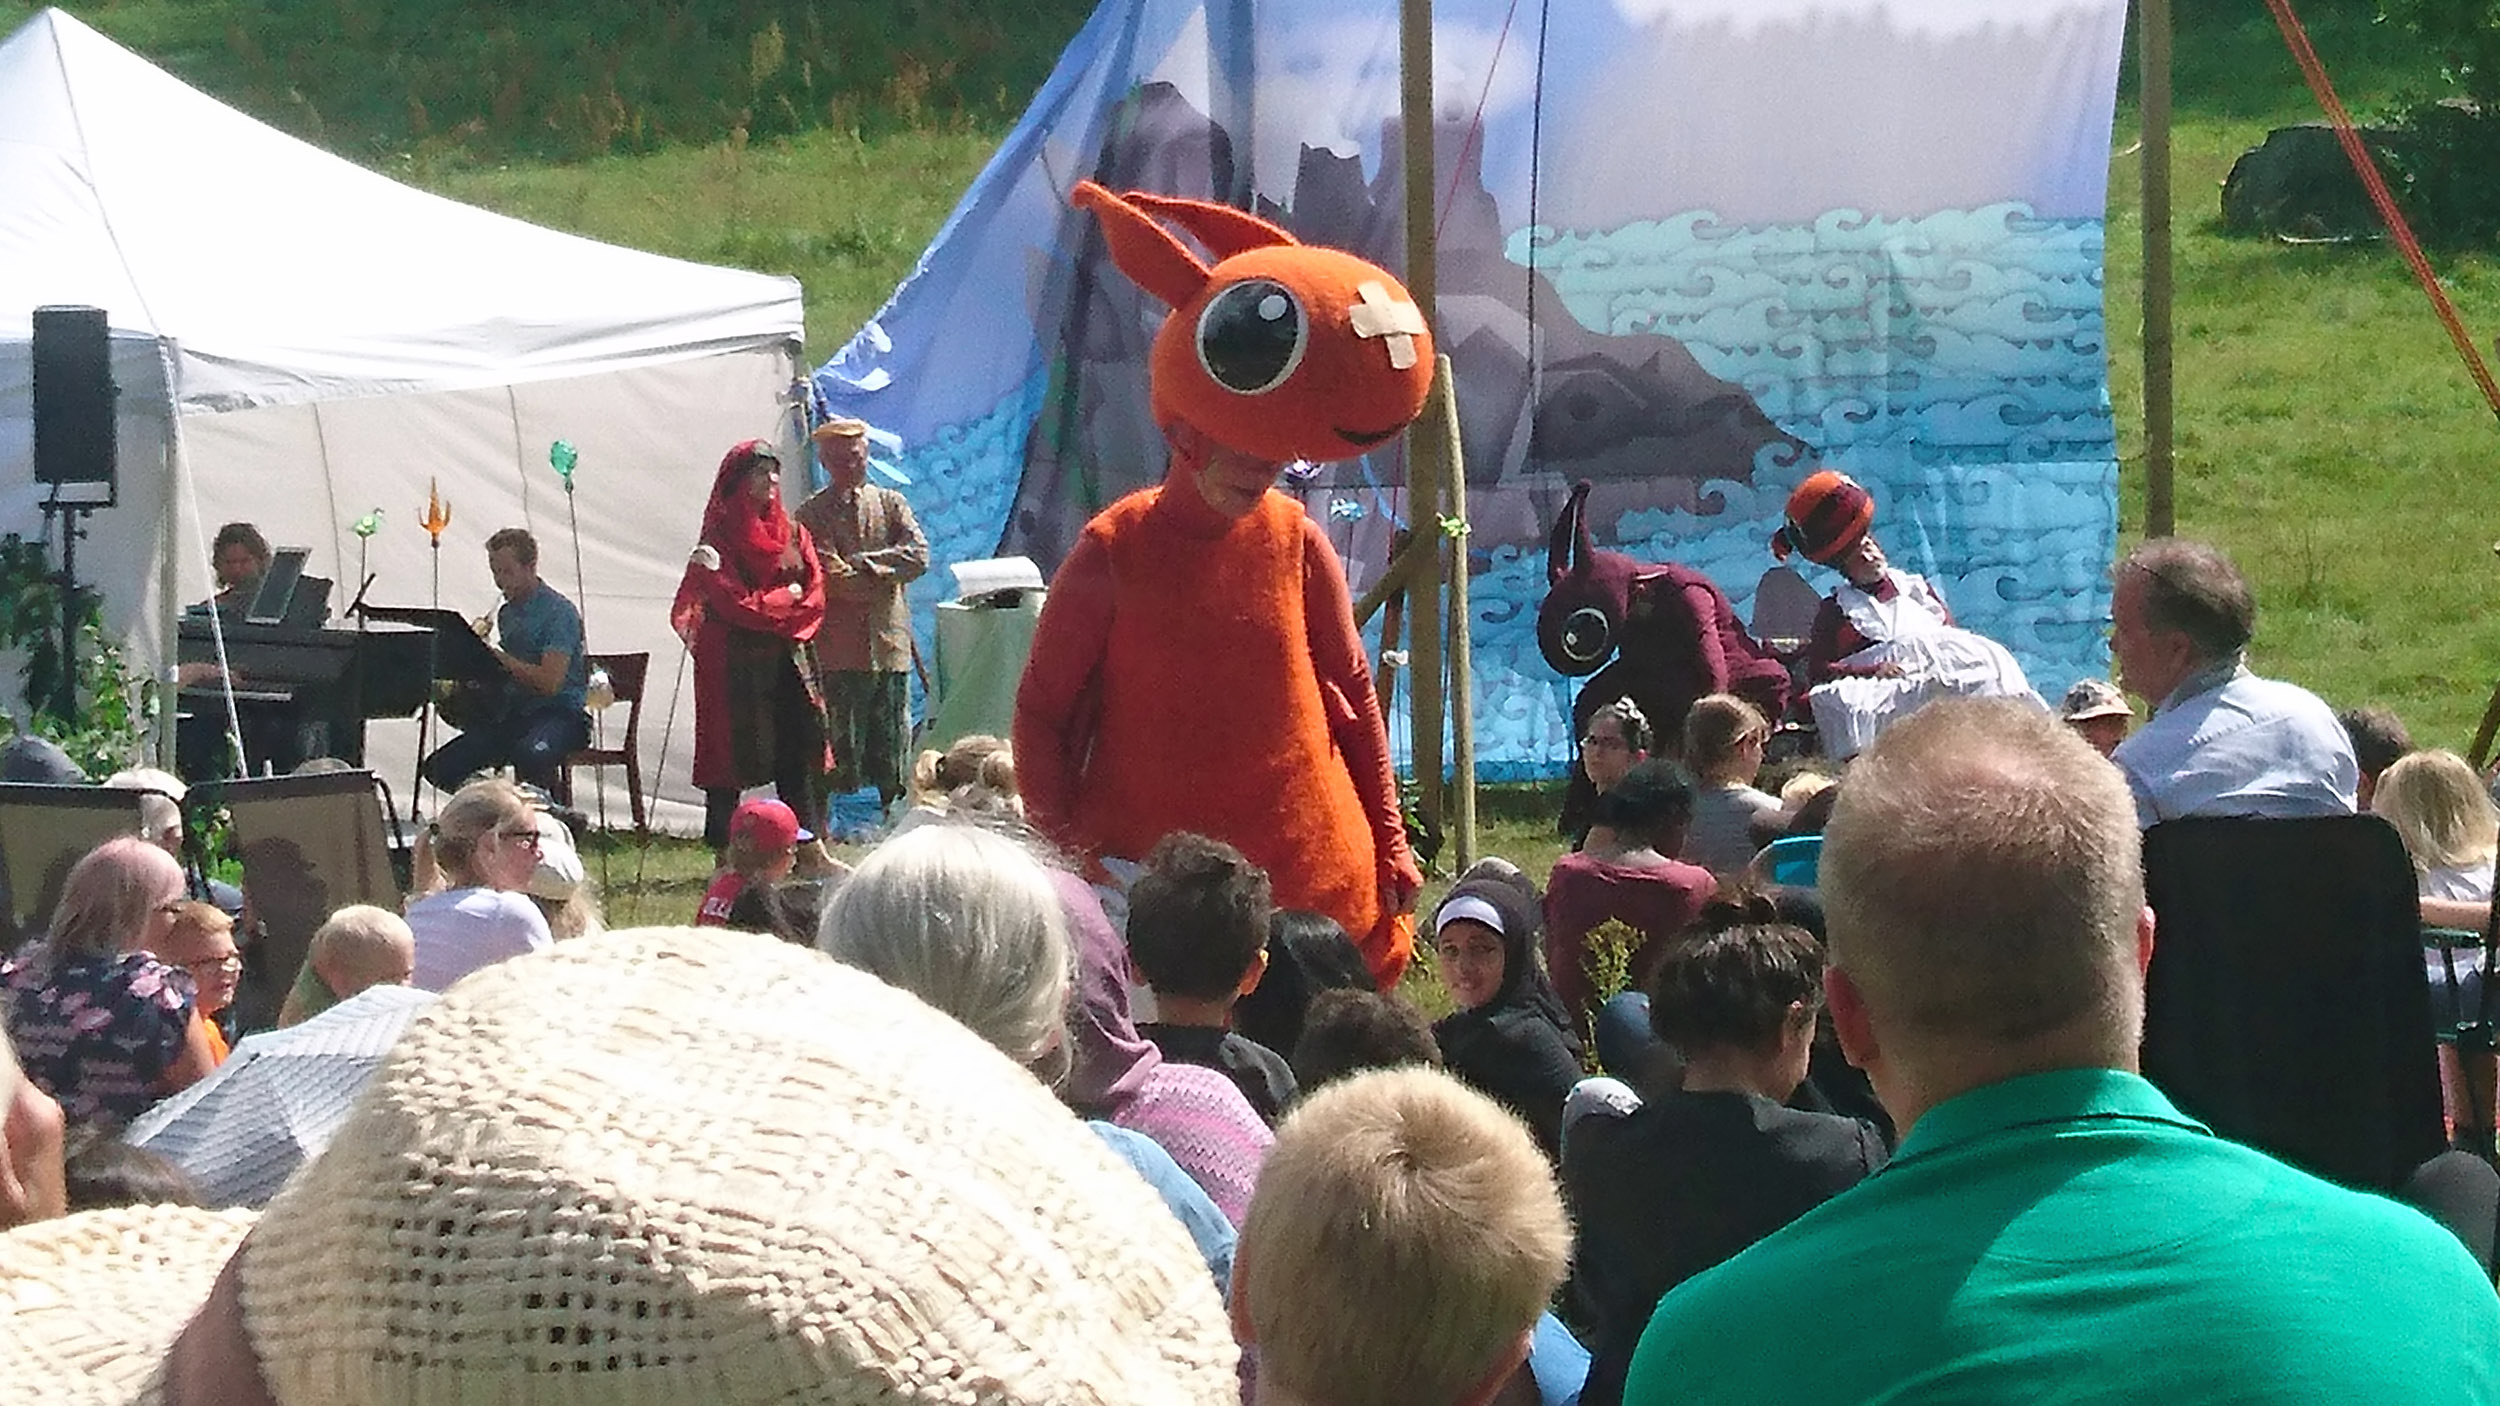 Draken Kjetil går ut och sjunger bland barnen i publiken.